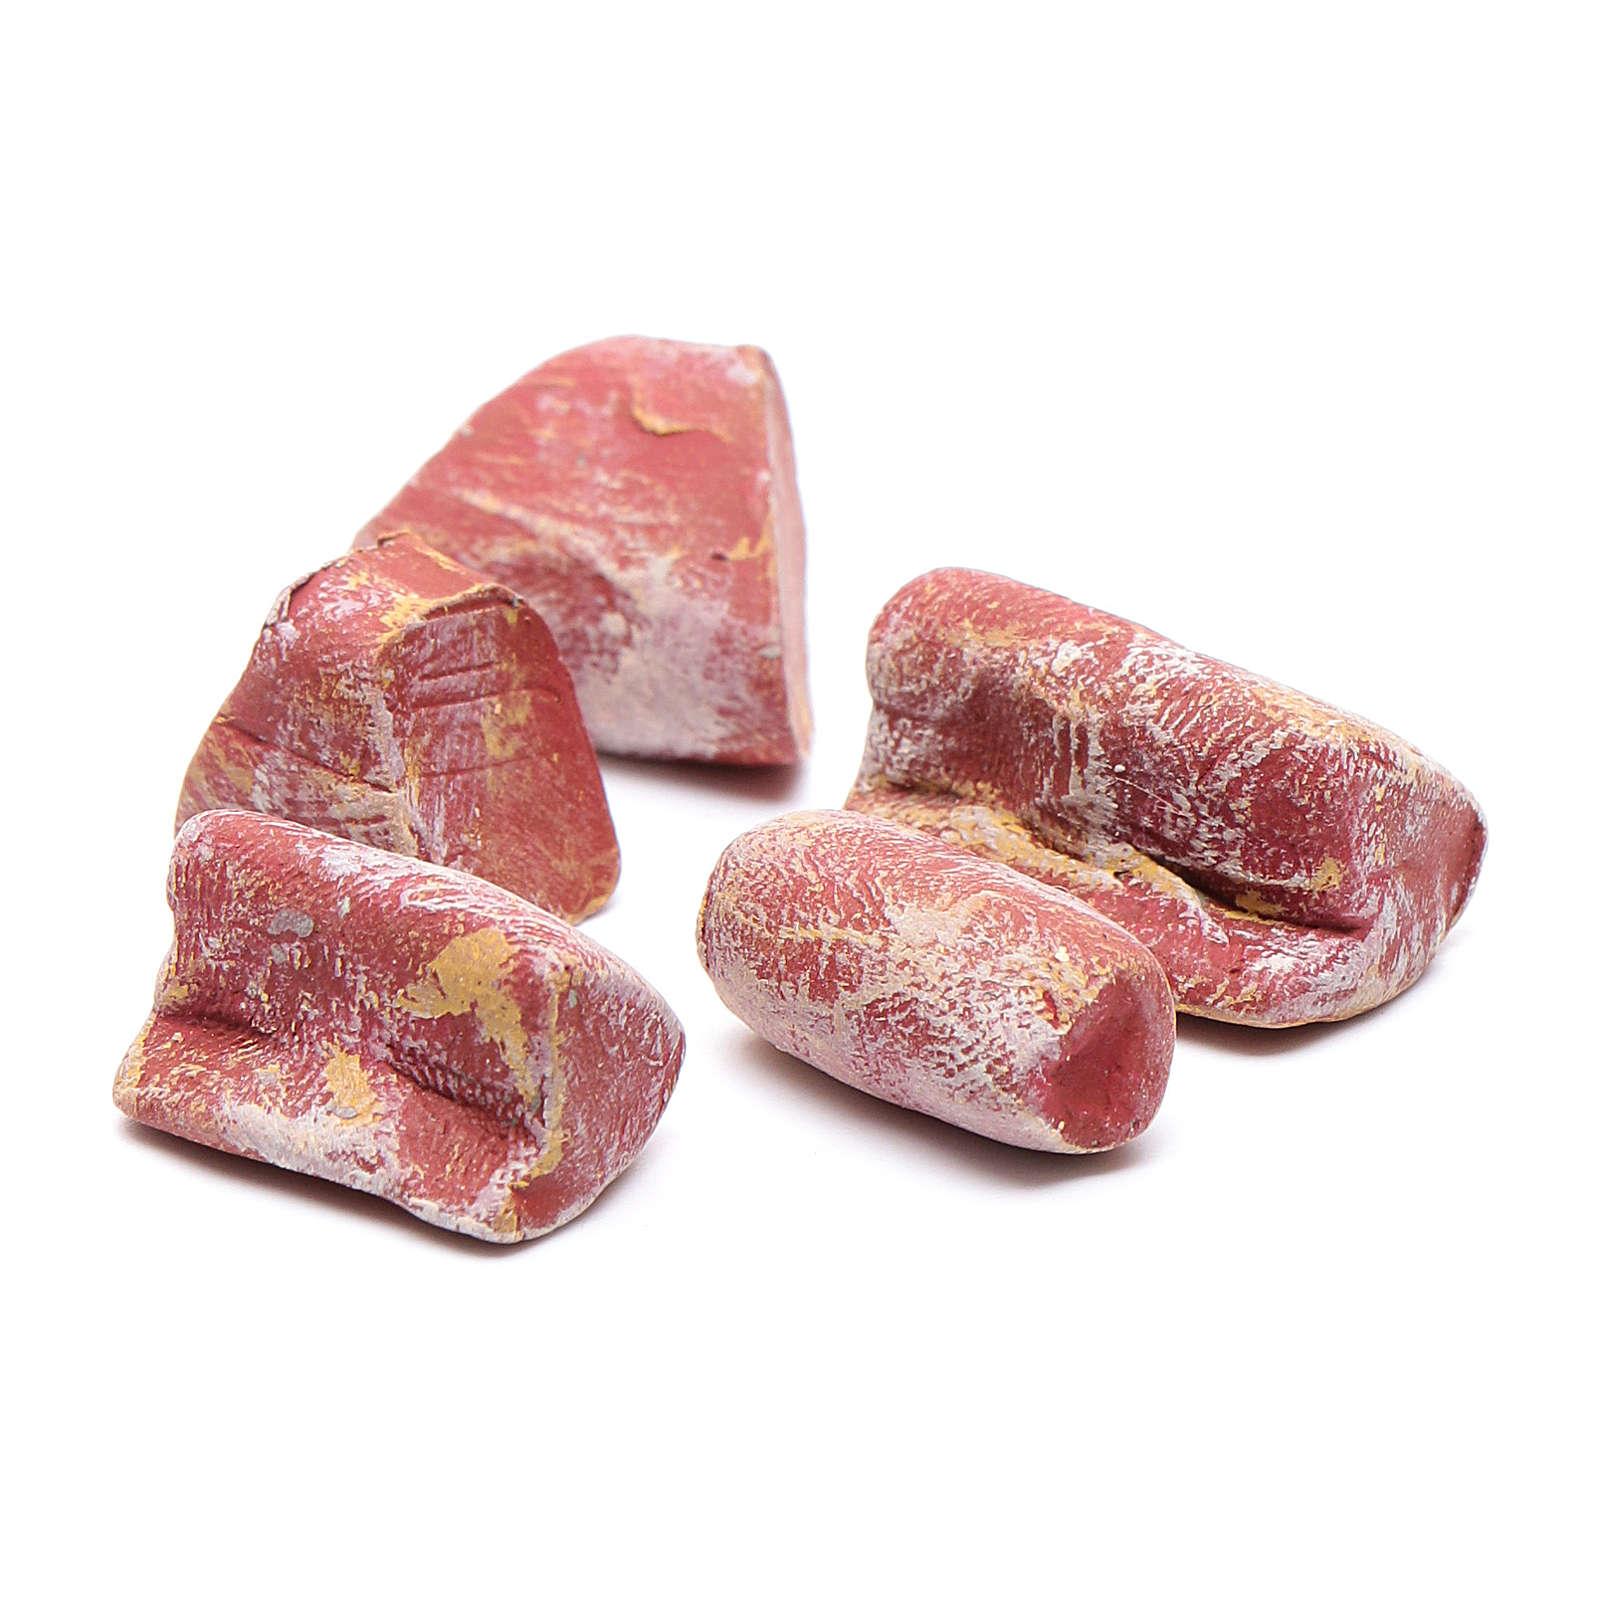 Carne per presepi fai da te 5 pz. Per statue 10 12 cm 4